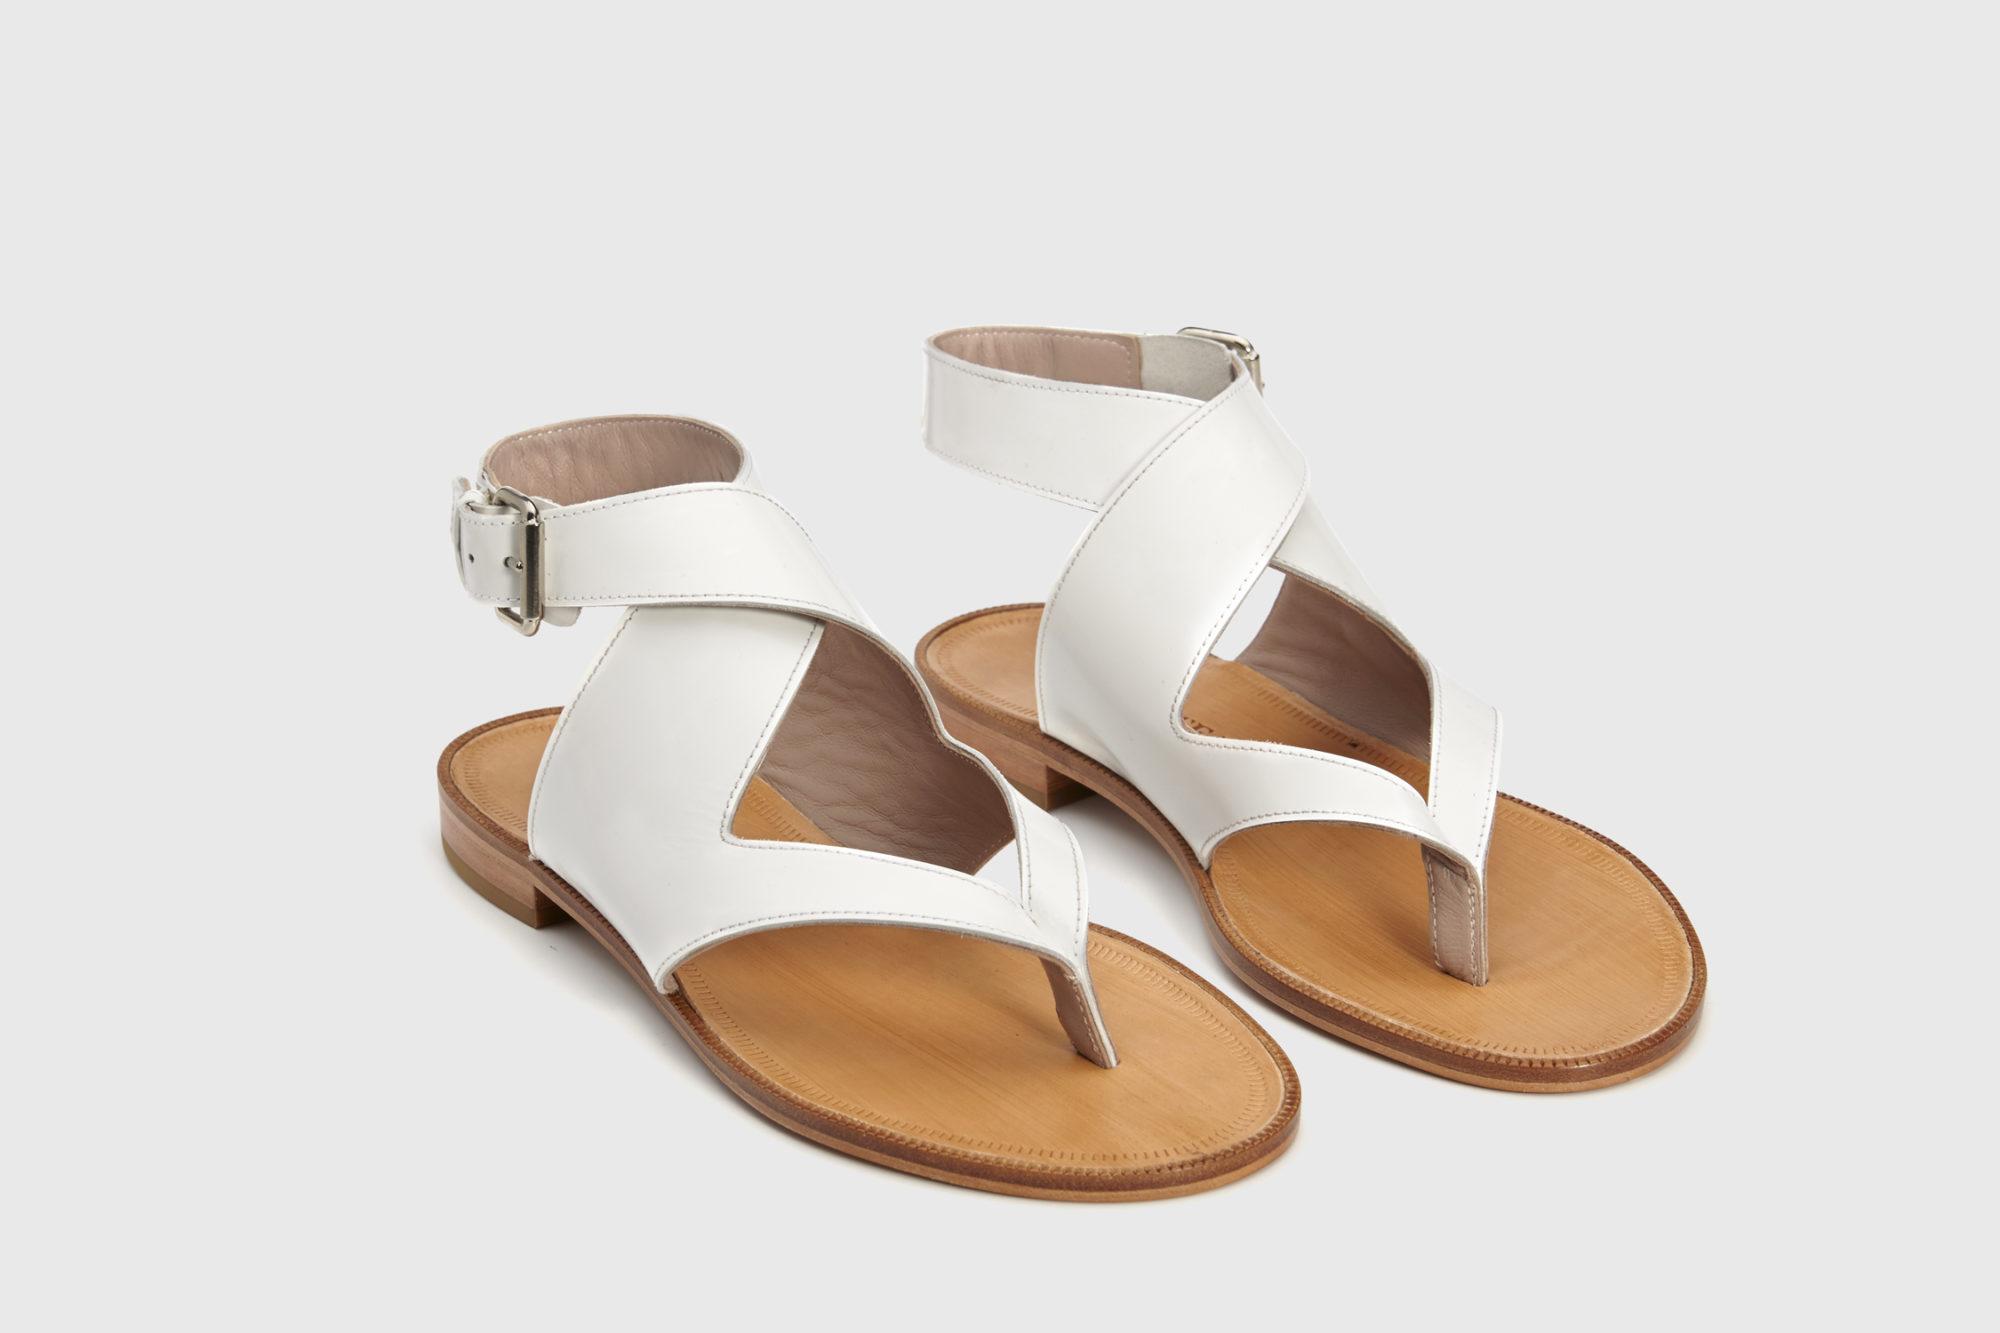 Dorotea sandalia plana Martina blanco ss18 par